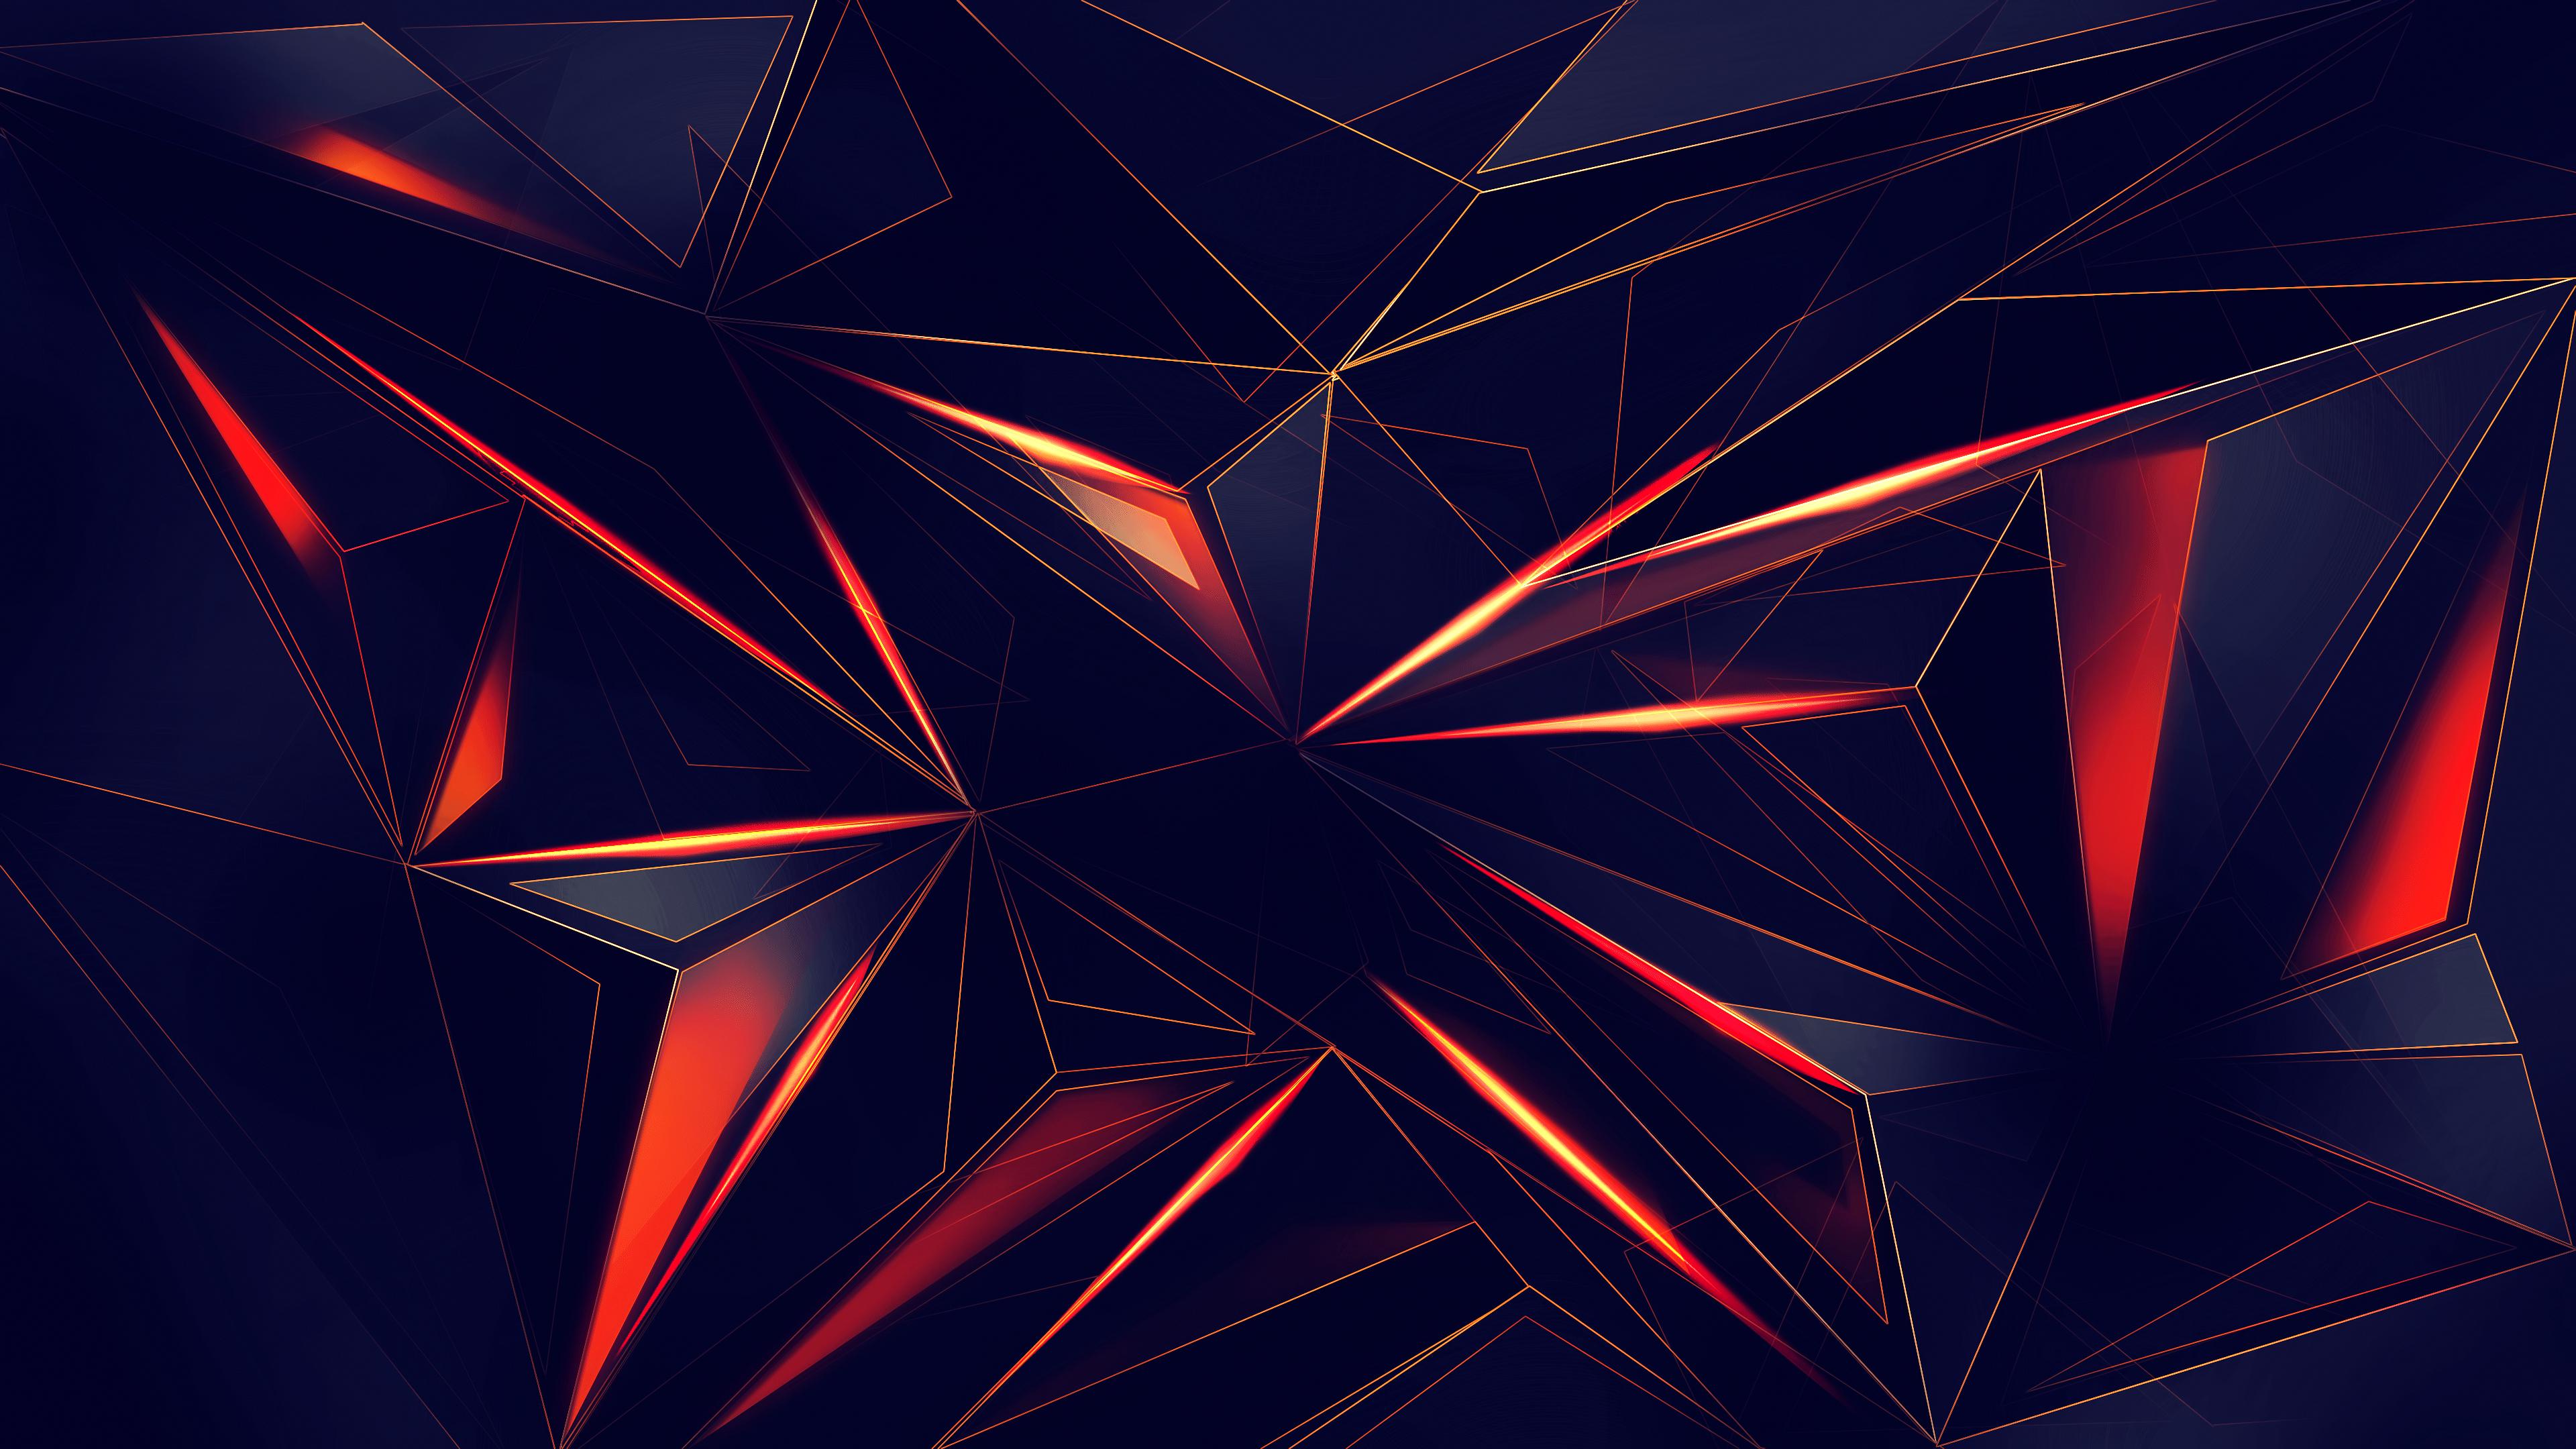 Темно-синии геометрические фигуры в красно-желтых отблесках света